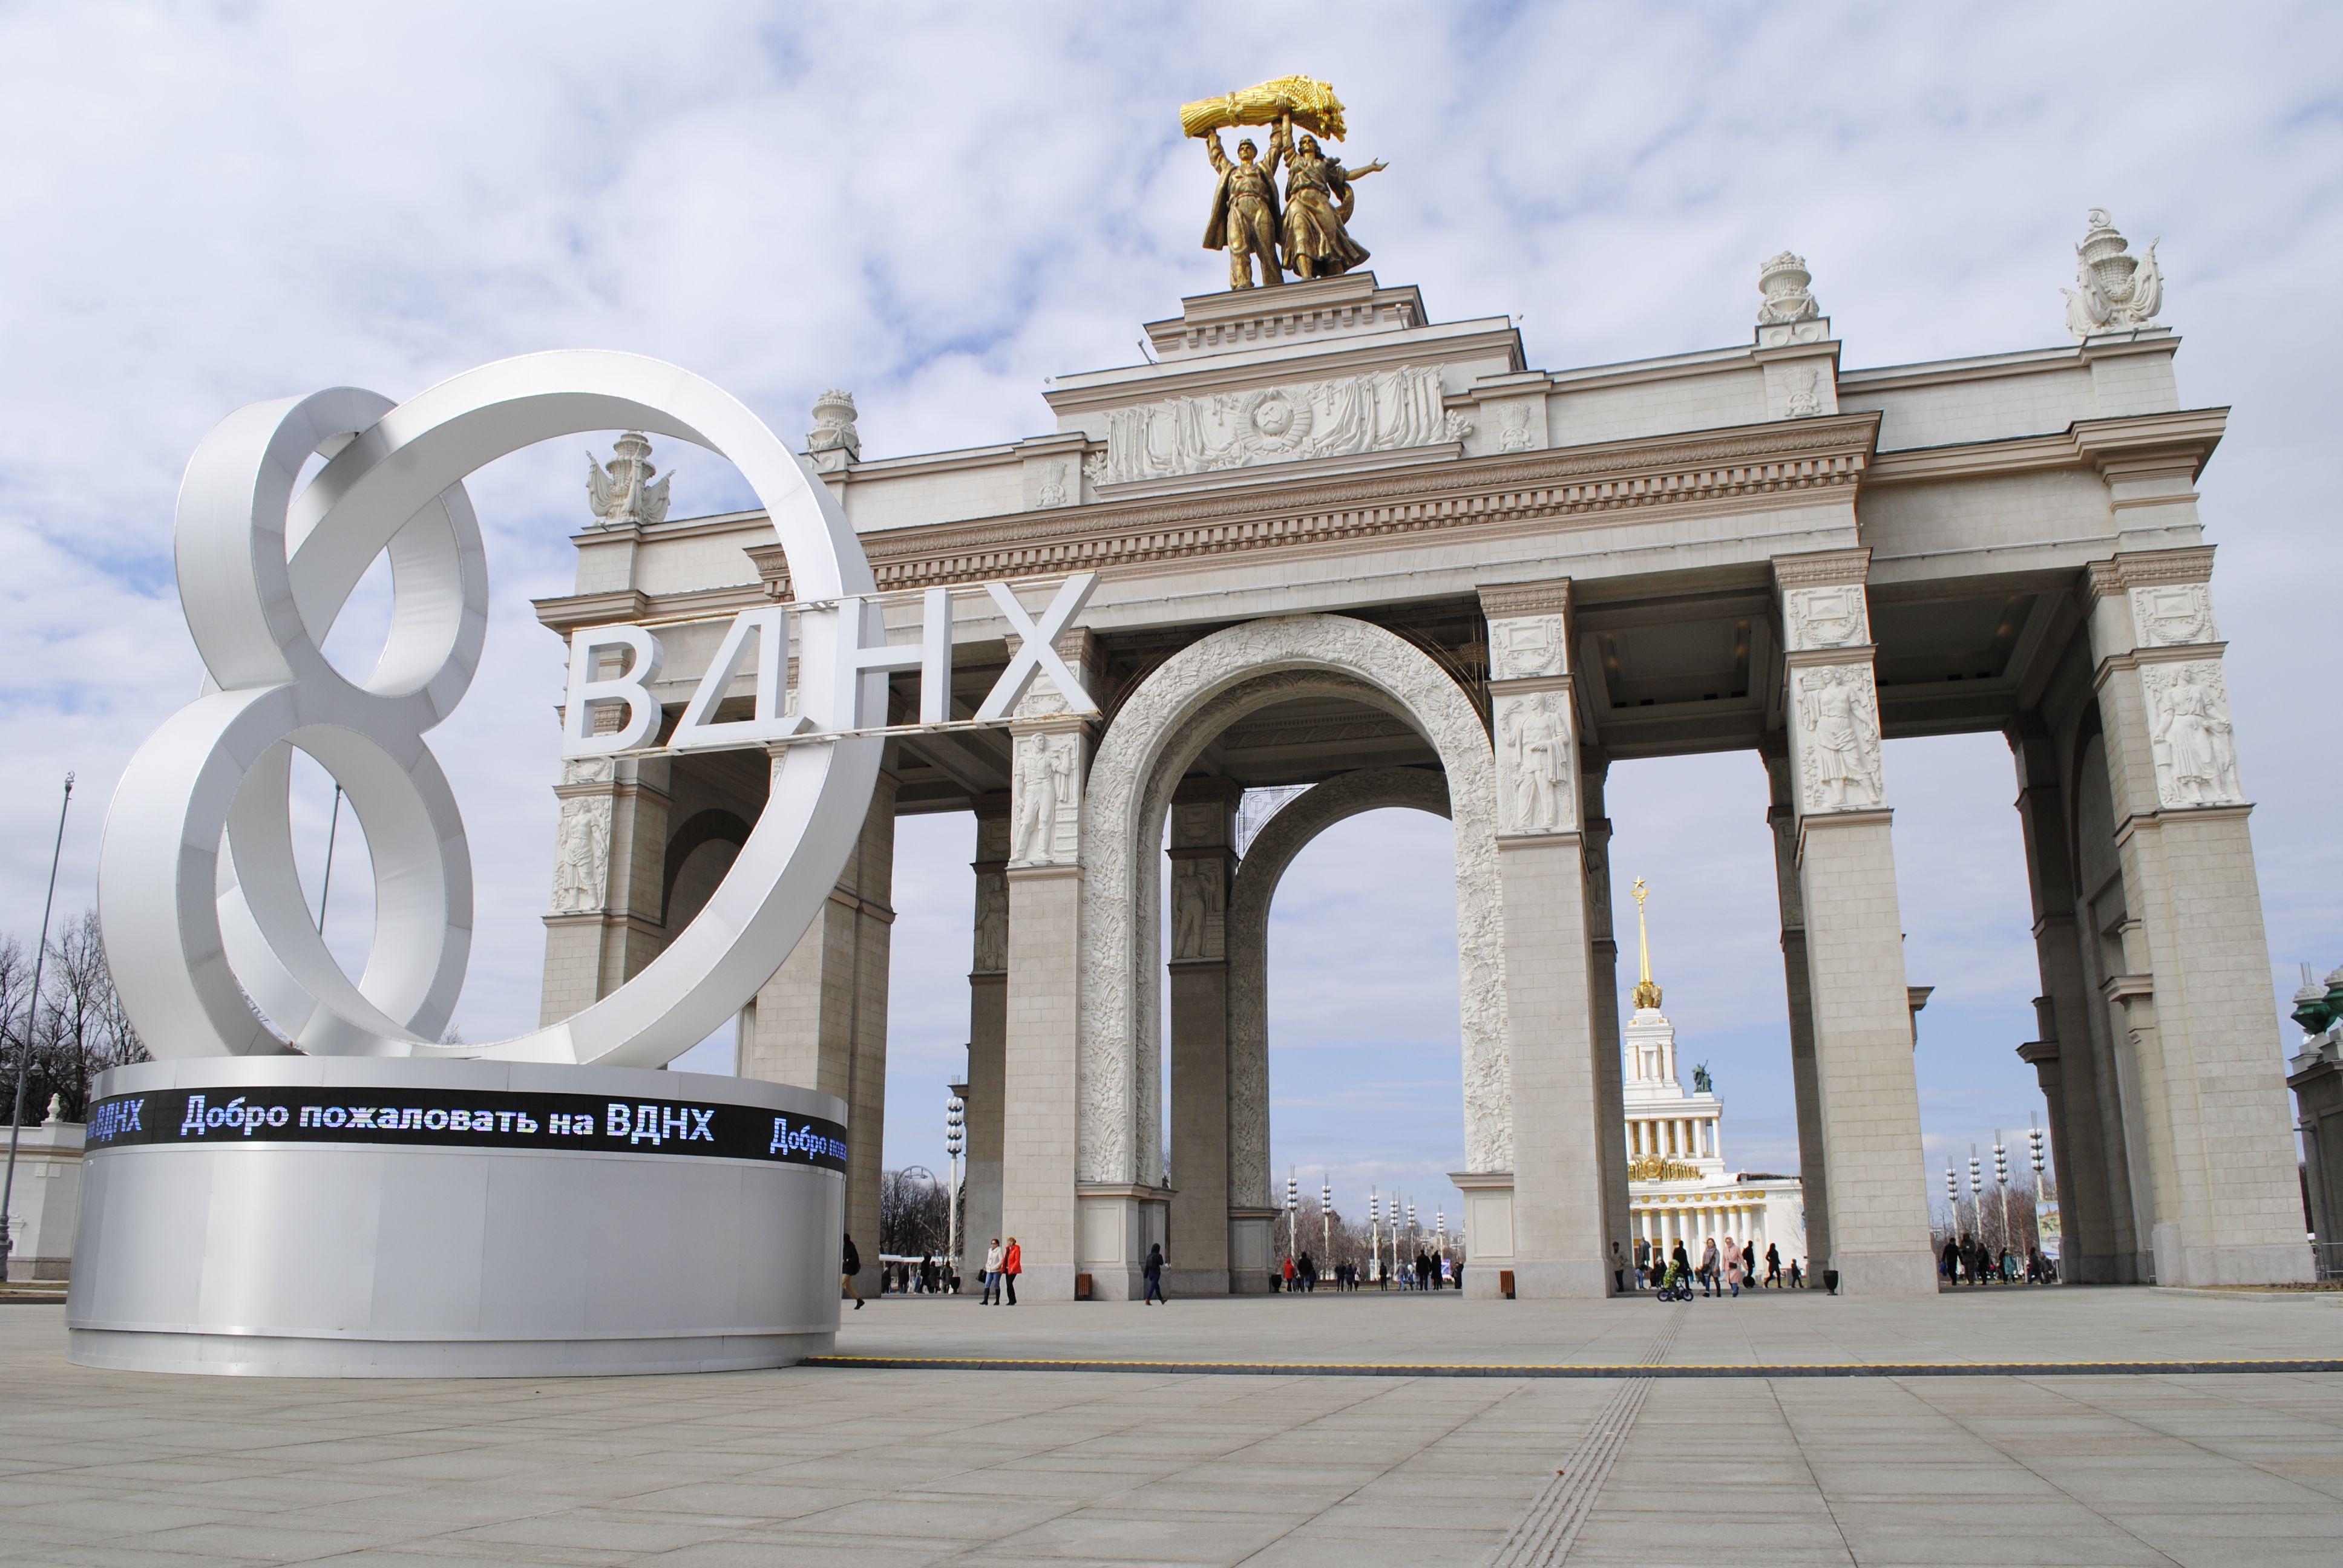 Павильон «Макет Москвы» на ВДНХ принял более 300 тысяч человек